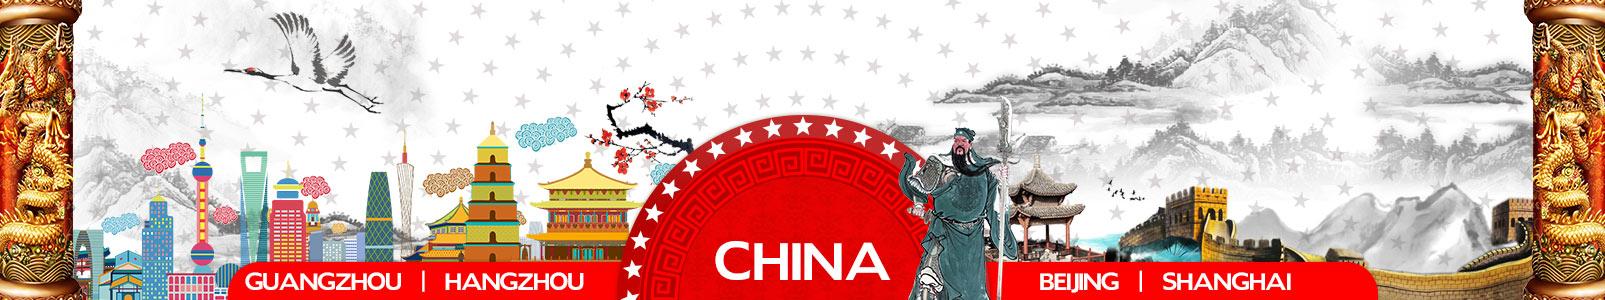 تور چین - بنر